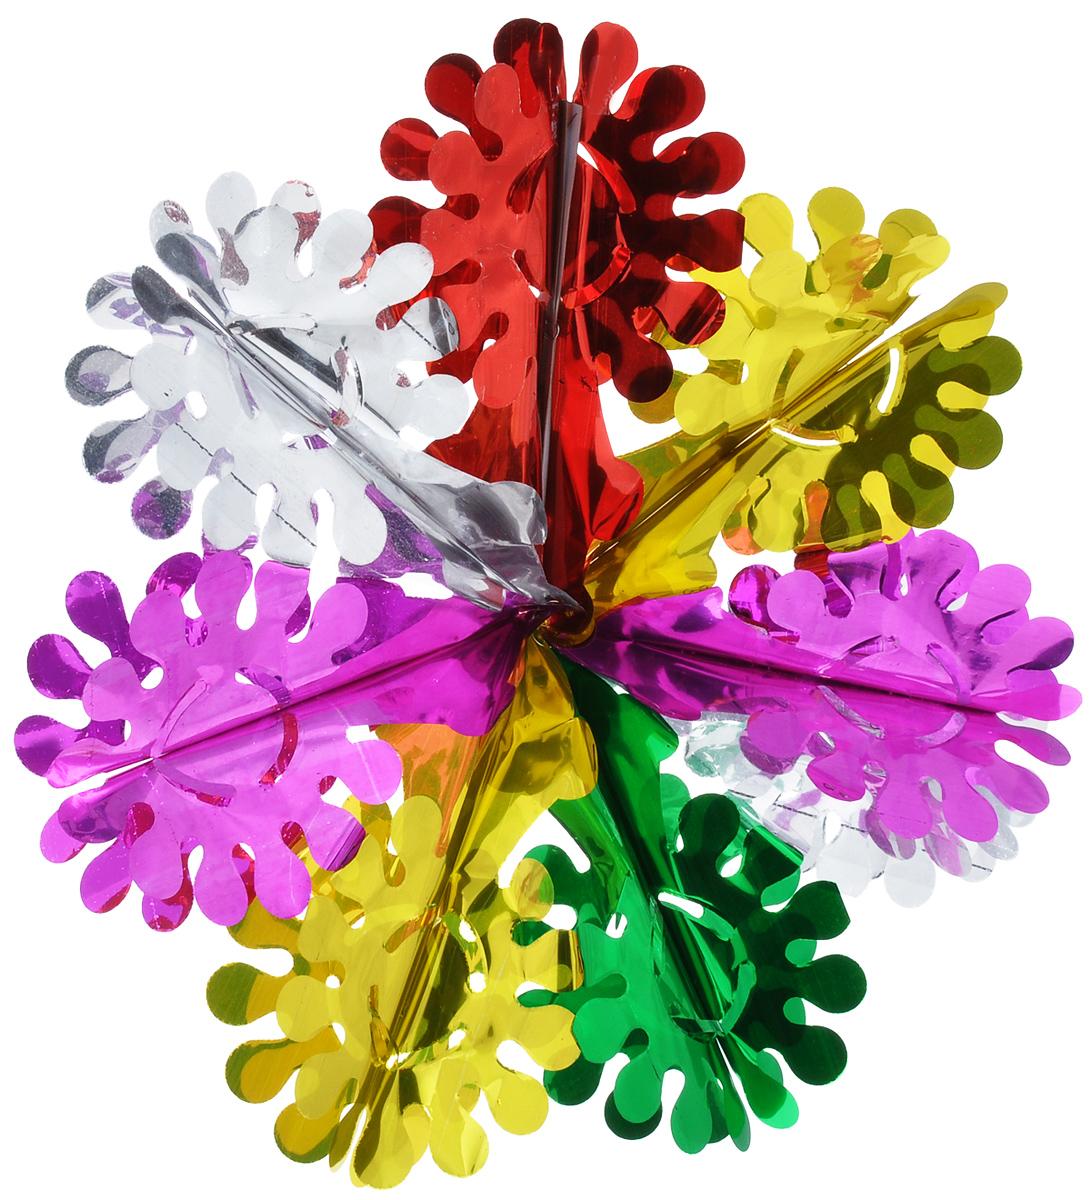 Новогодняя гирлянда Феникс-презент Ажурная снежинка, диаметр 39 см30987Новогодняя гирлянда Феникс-презент Ажурная снежинка прекрасно подойдет для декора дома или офиса. Украшение выполнено из ПЭТ (полиэтилентерефталата), легко складывается и раскладывается. Новогодние украшения несут в себе волшебство и красоту праздника. Они помогут вам украсить дом к предстоящим праздникам и оживить интерьер по вашему вкусу. Создайте в доме атмосферу тепла, веселья и радости, украшая его всей семьей.